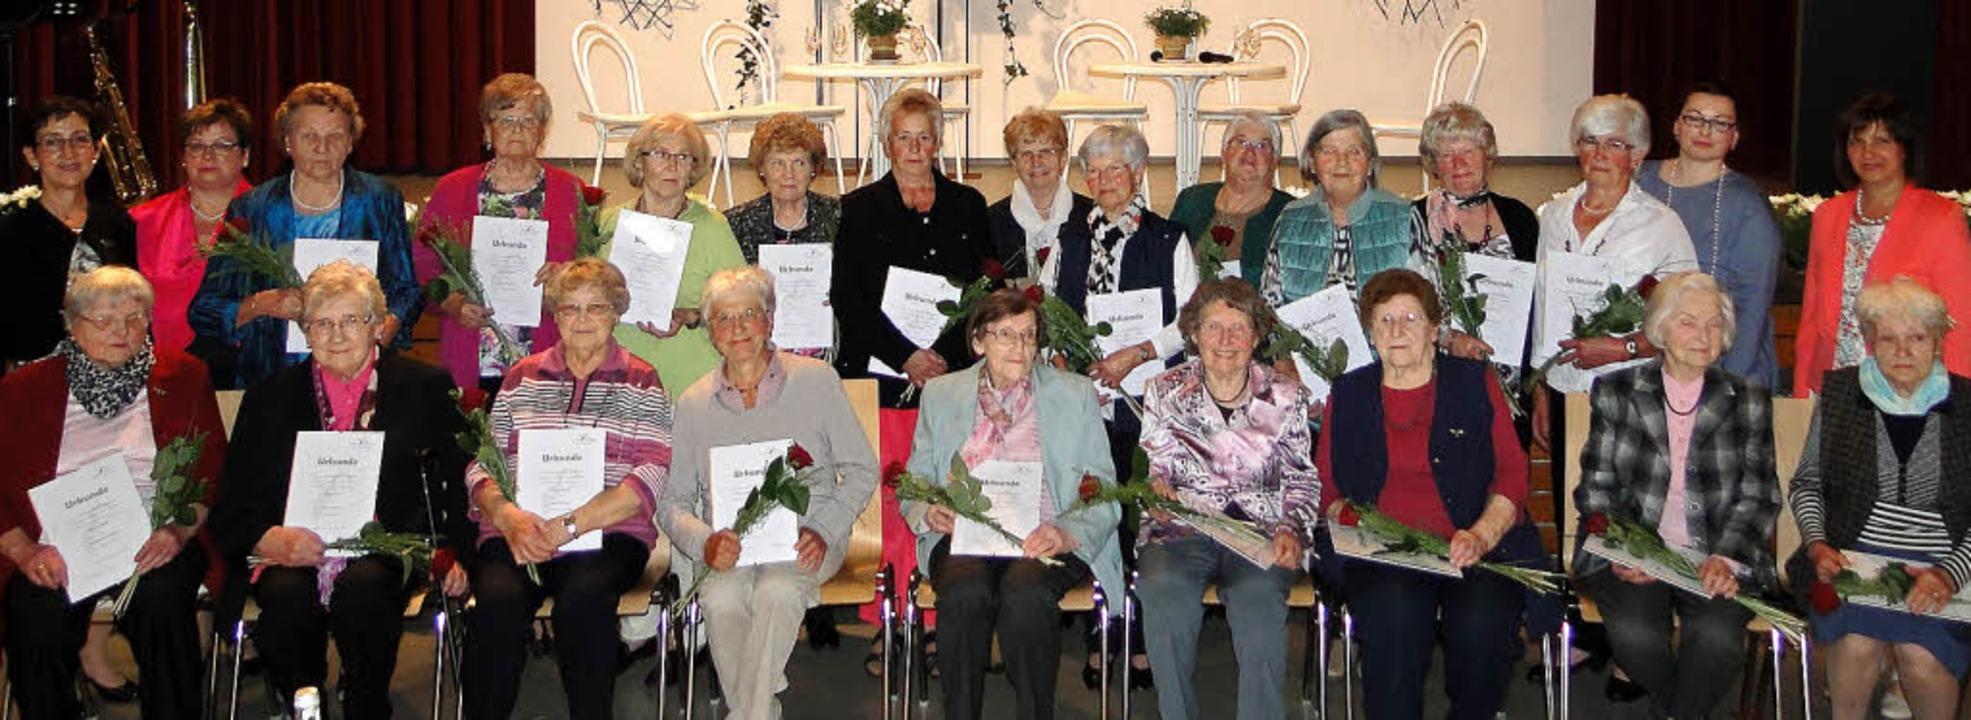 Beim Festakt der Oberrotweiler Landfrauen wurden 27 Gründungsmitglieder geehrt.   | Foto: Elisabeth Saller